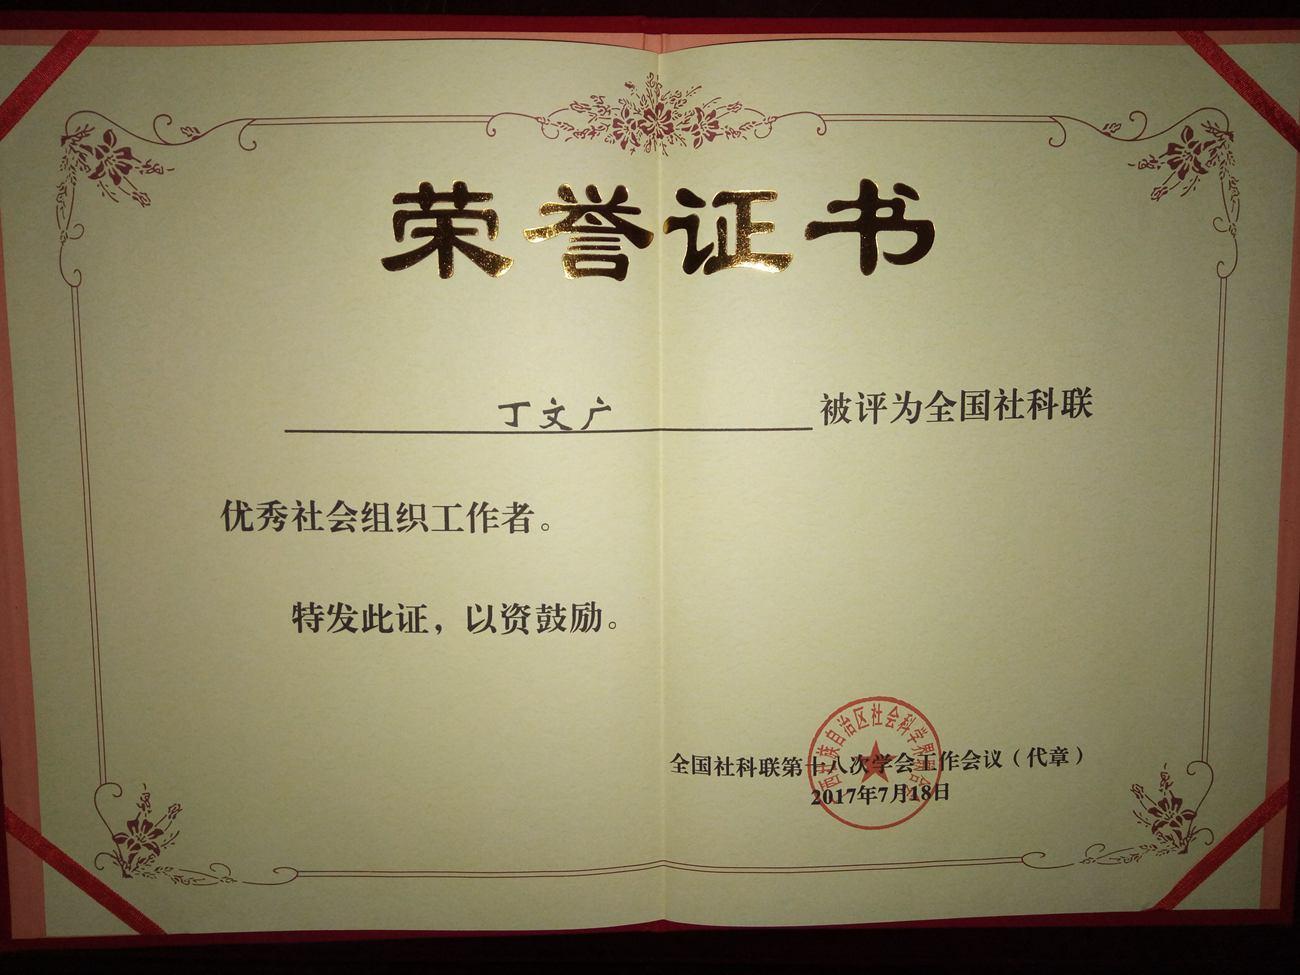 丁文广教授被评为全国社科联优秀万博官方网站manbetx组织工作者